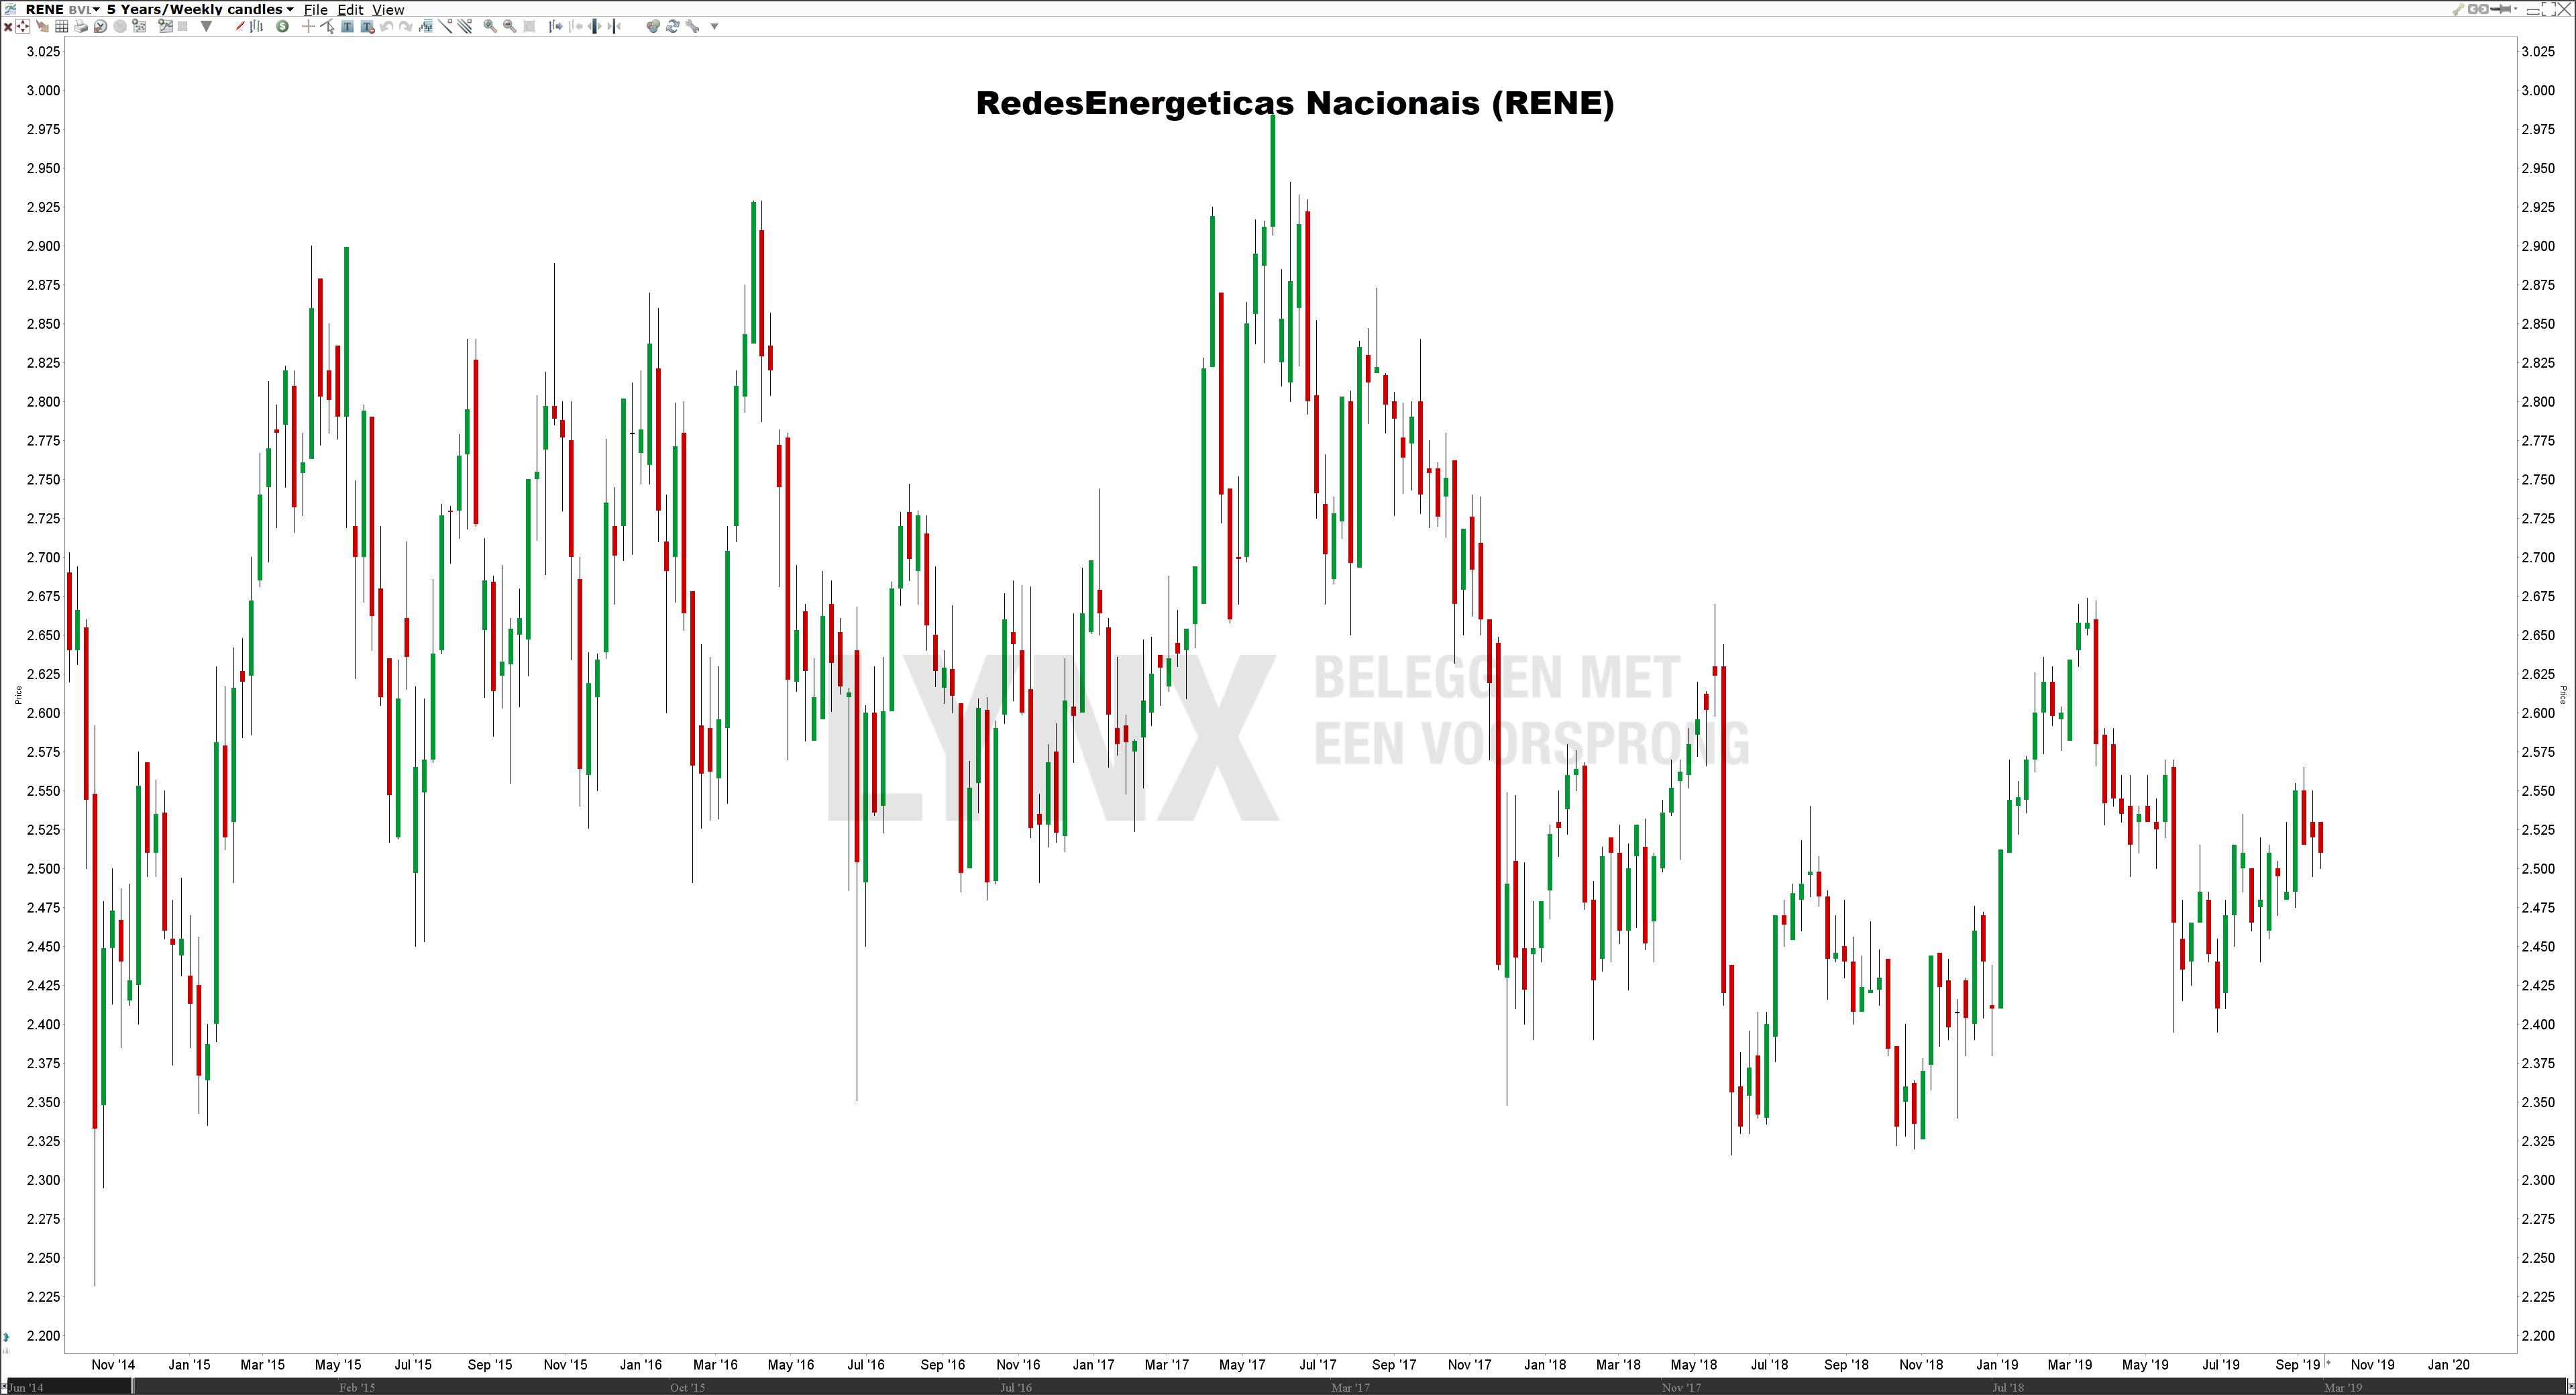 Koers RENE - De beste defensieve aandelen